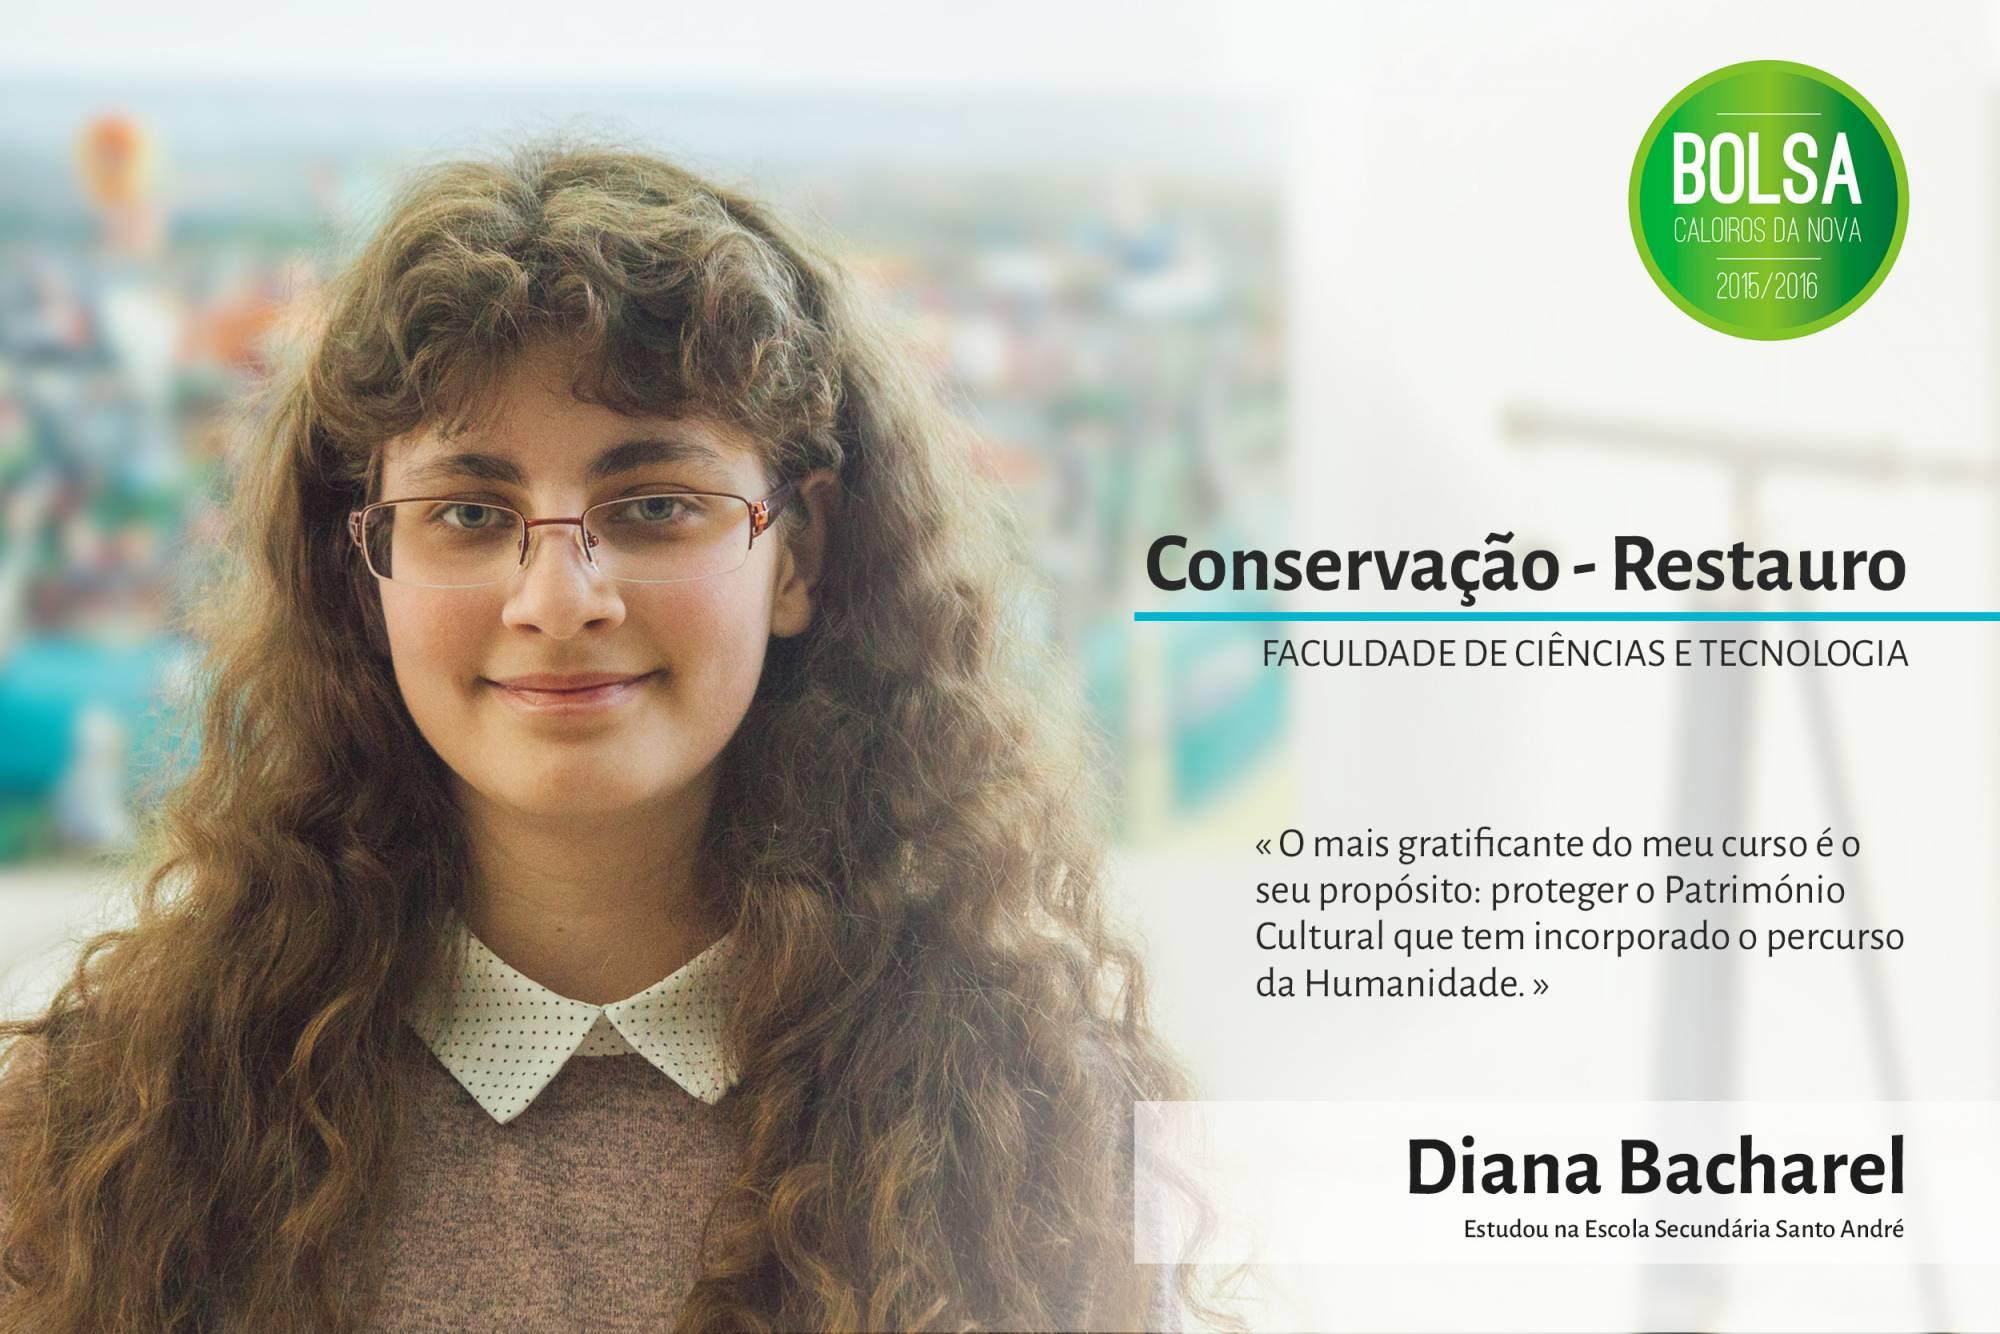 Diana Bacharel, Faculdade de Ciências e Tecnologia da NOVA